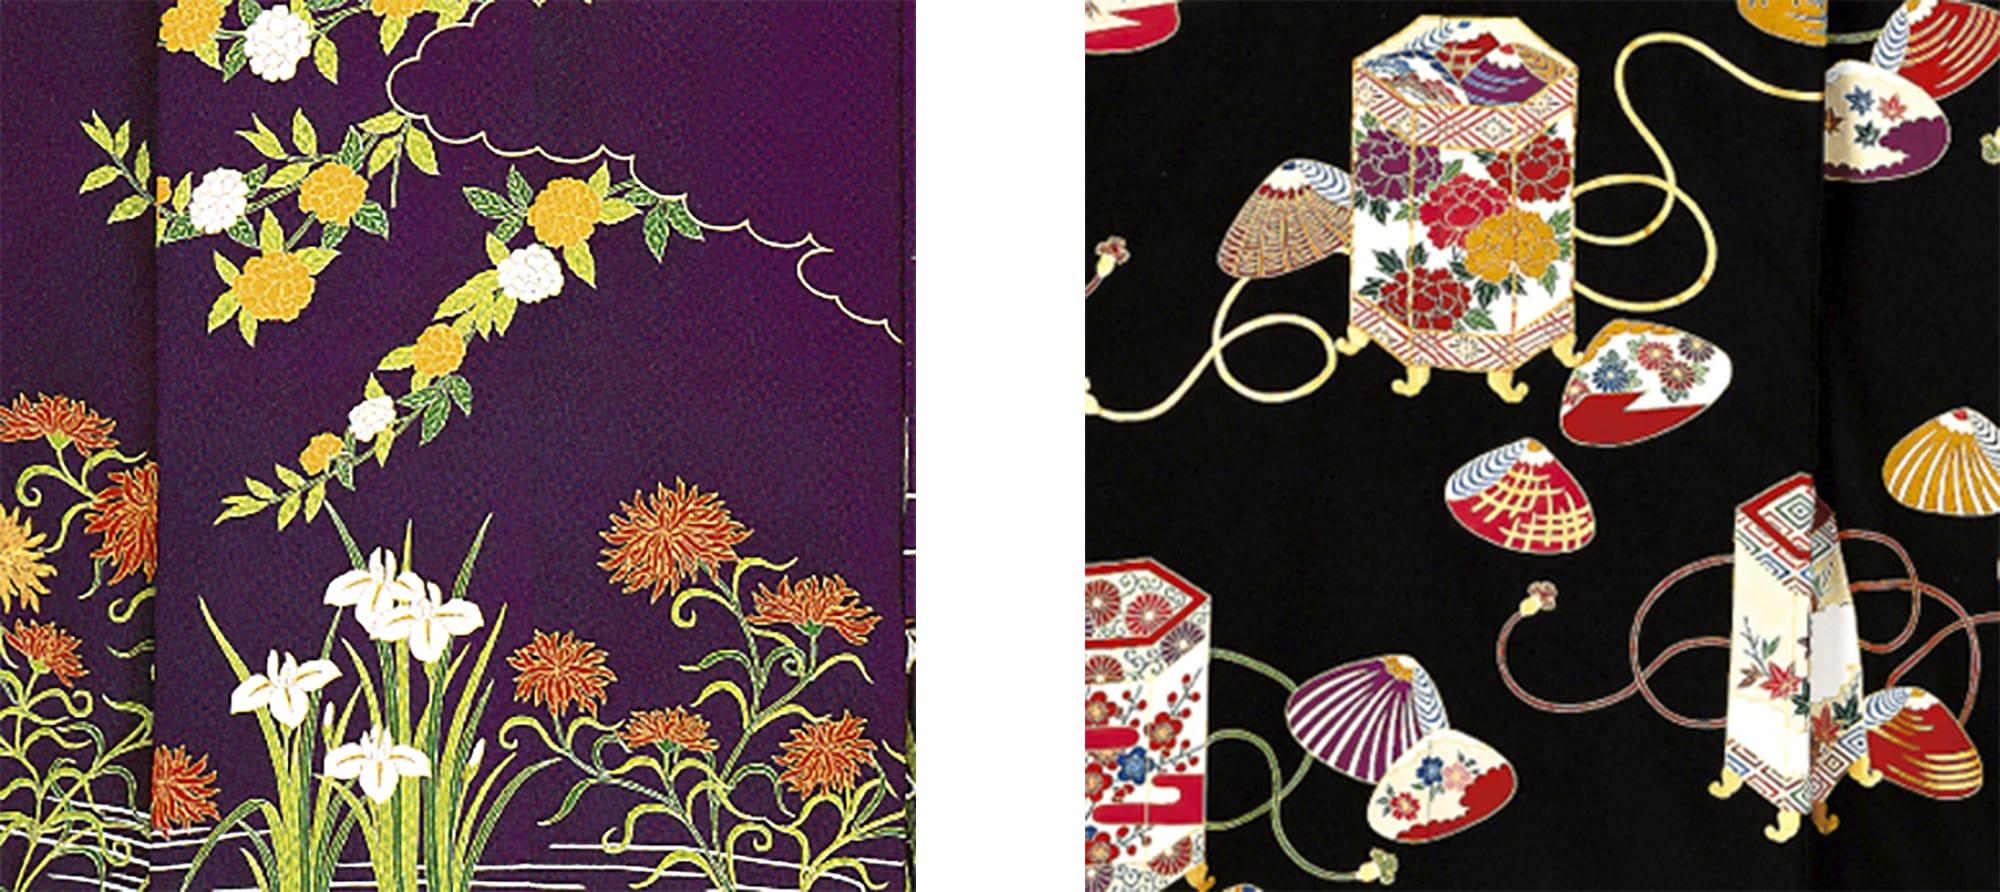 四季の百花を同時に咲かせたきもの(左)貝や貝桶に折々の草花が描かれたきもの(右)。草花の華やぎがめでたさを引き立てている